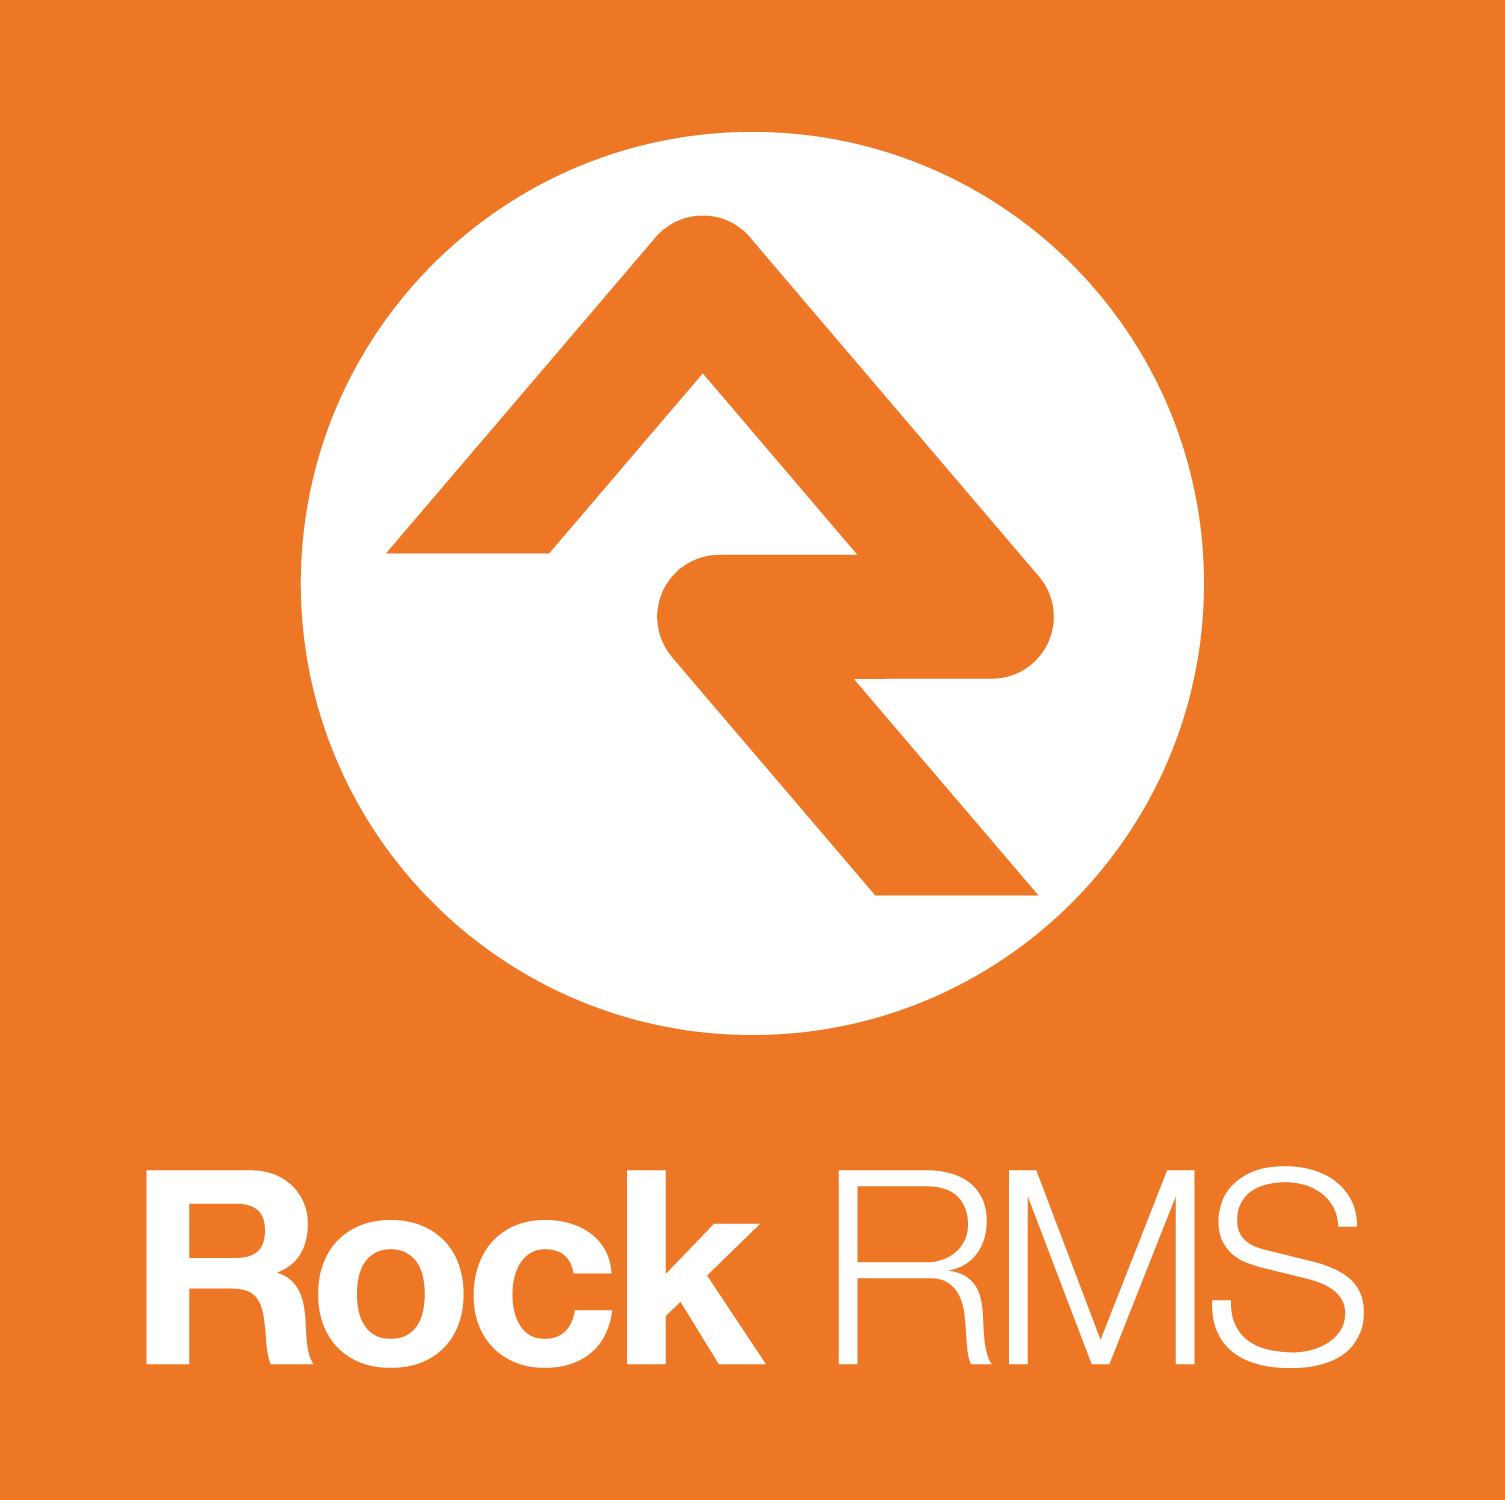 Rockrms logo